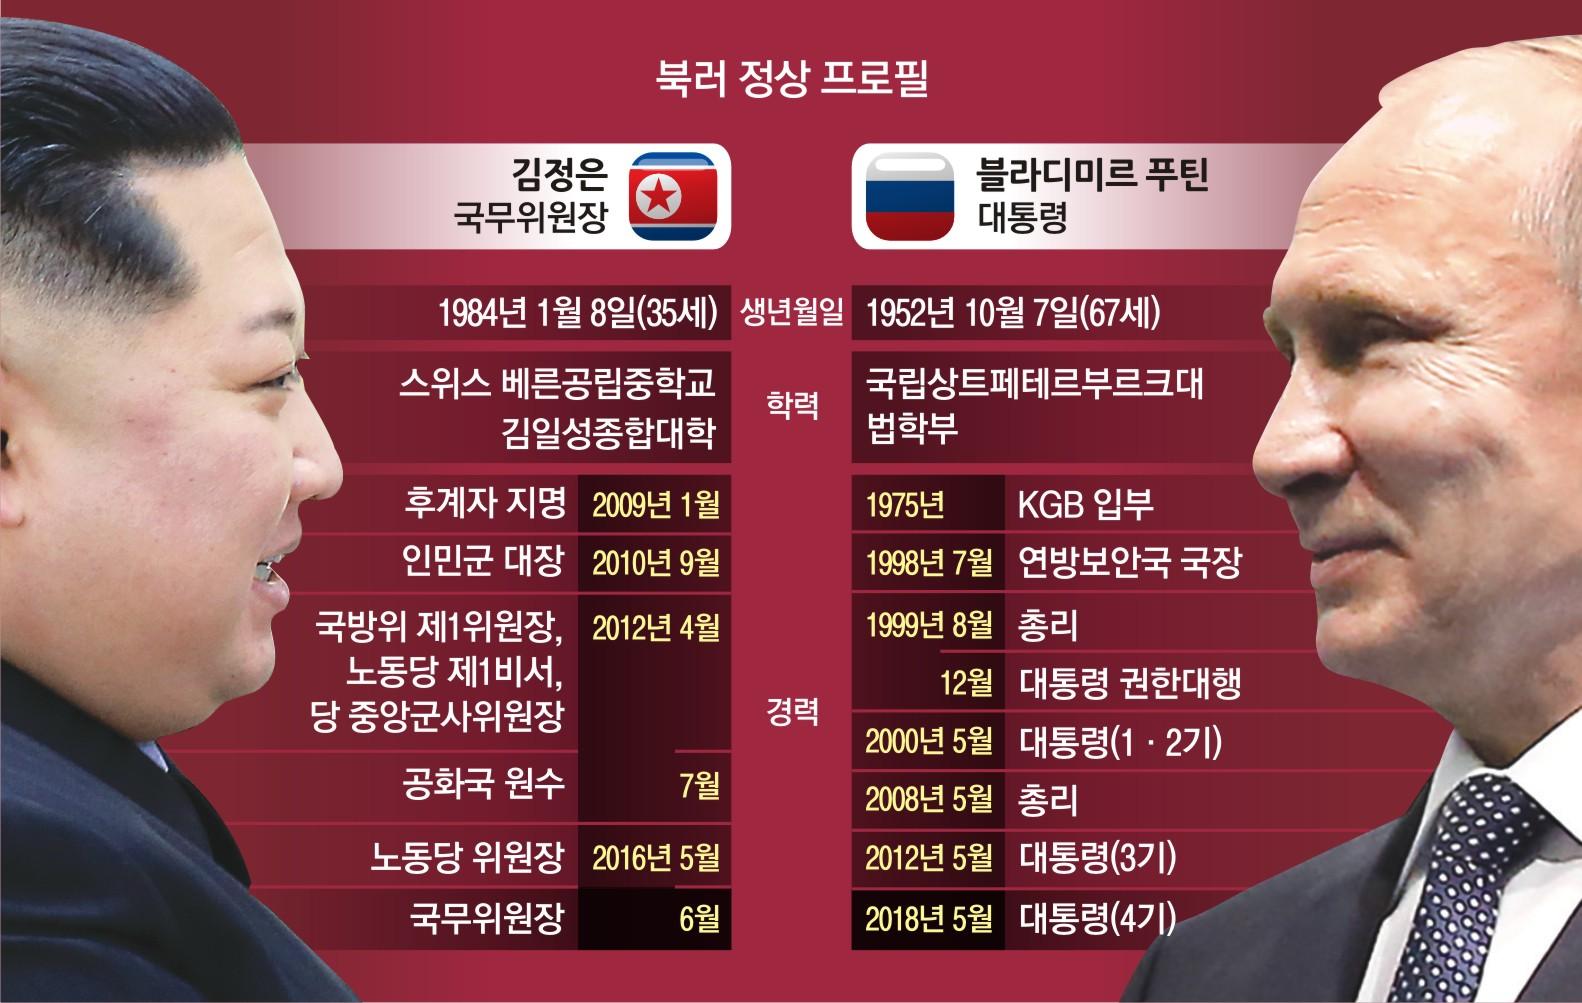 스트롱맨 리더십·스포츠광 공통점 김정은·푸틴 첫 만남 '케미' 터질까[레오 토토|페이크 토토]